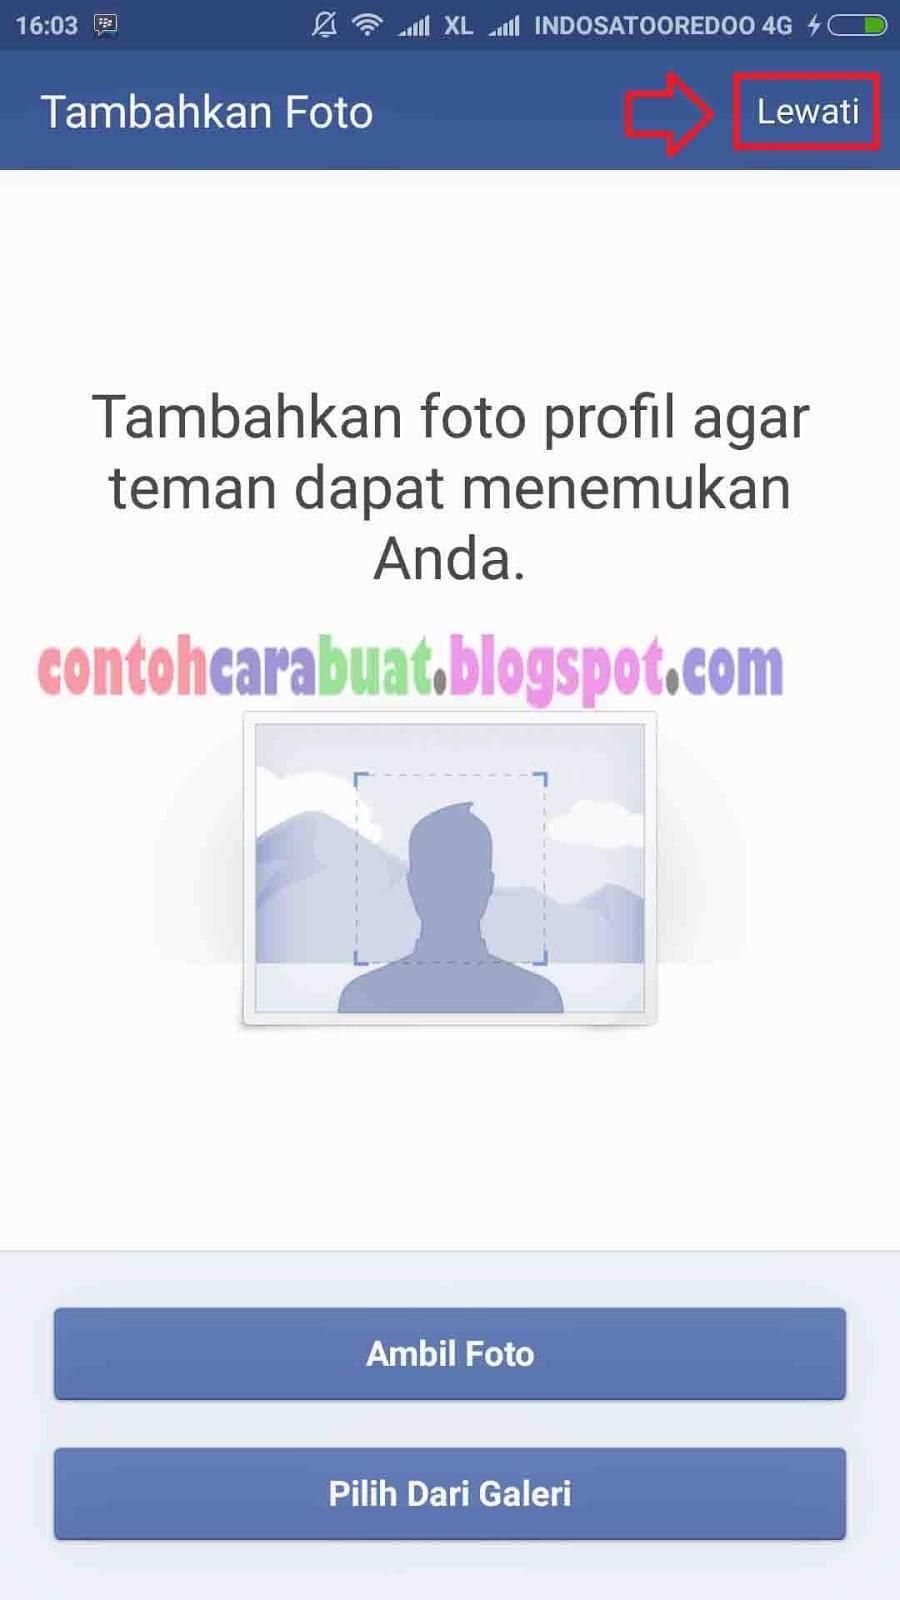 Bagaimana cara kirim foto lewat inbox facebook 18